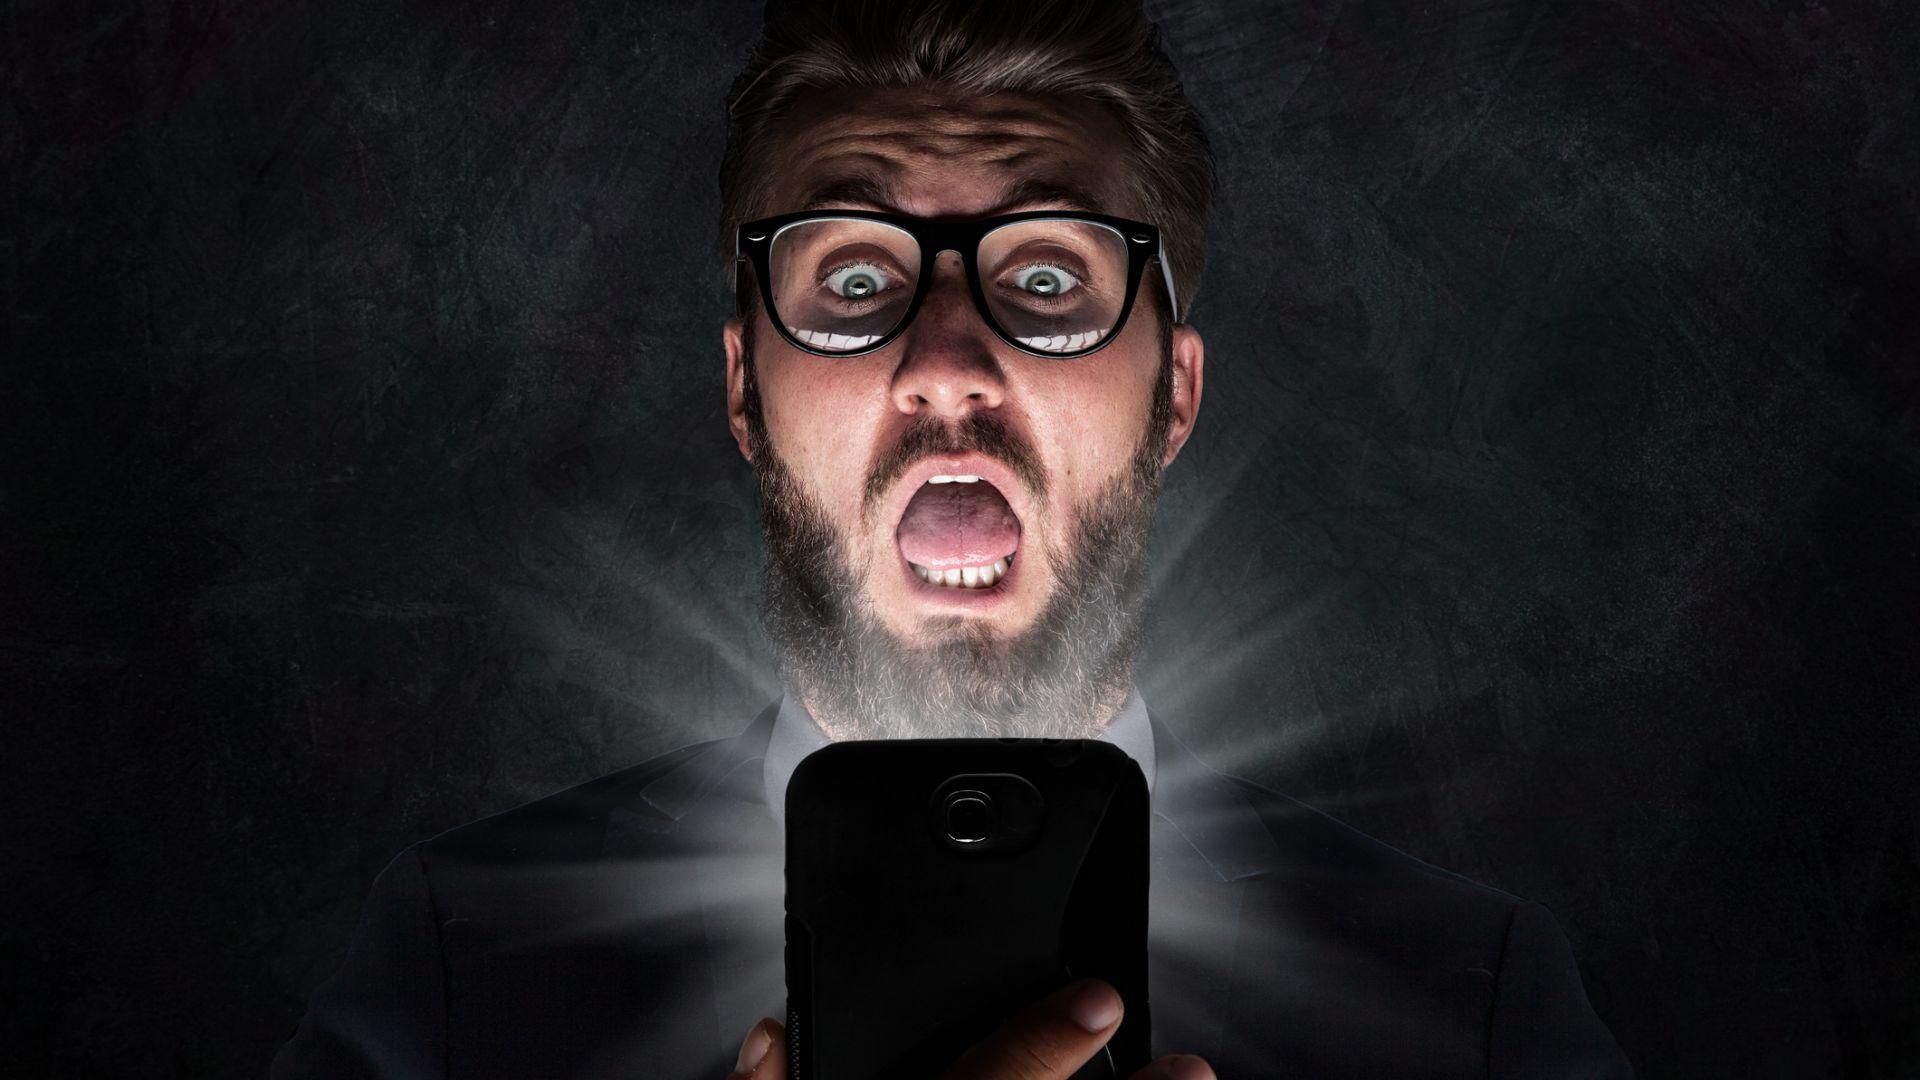 Тапет за началния екран се оказа опасен за редица Android телефони